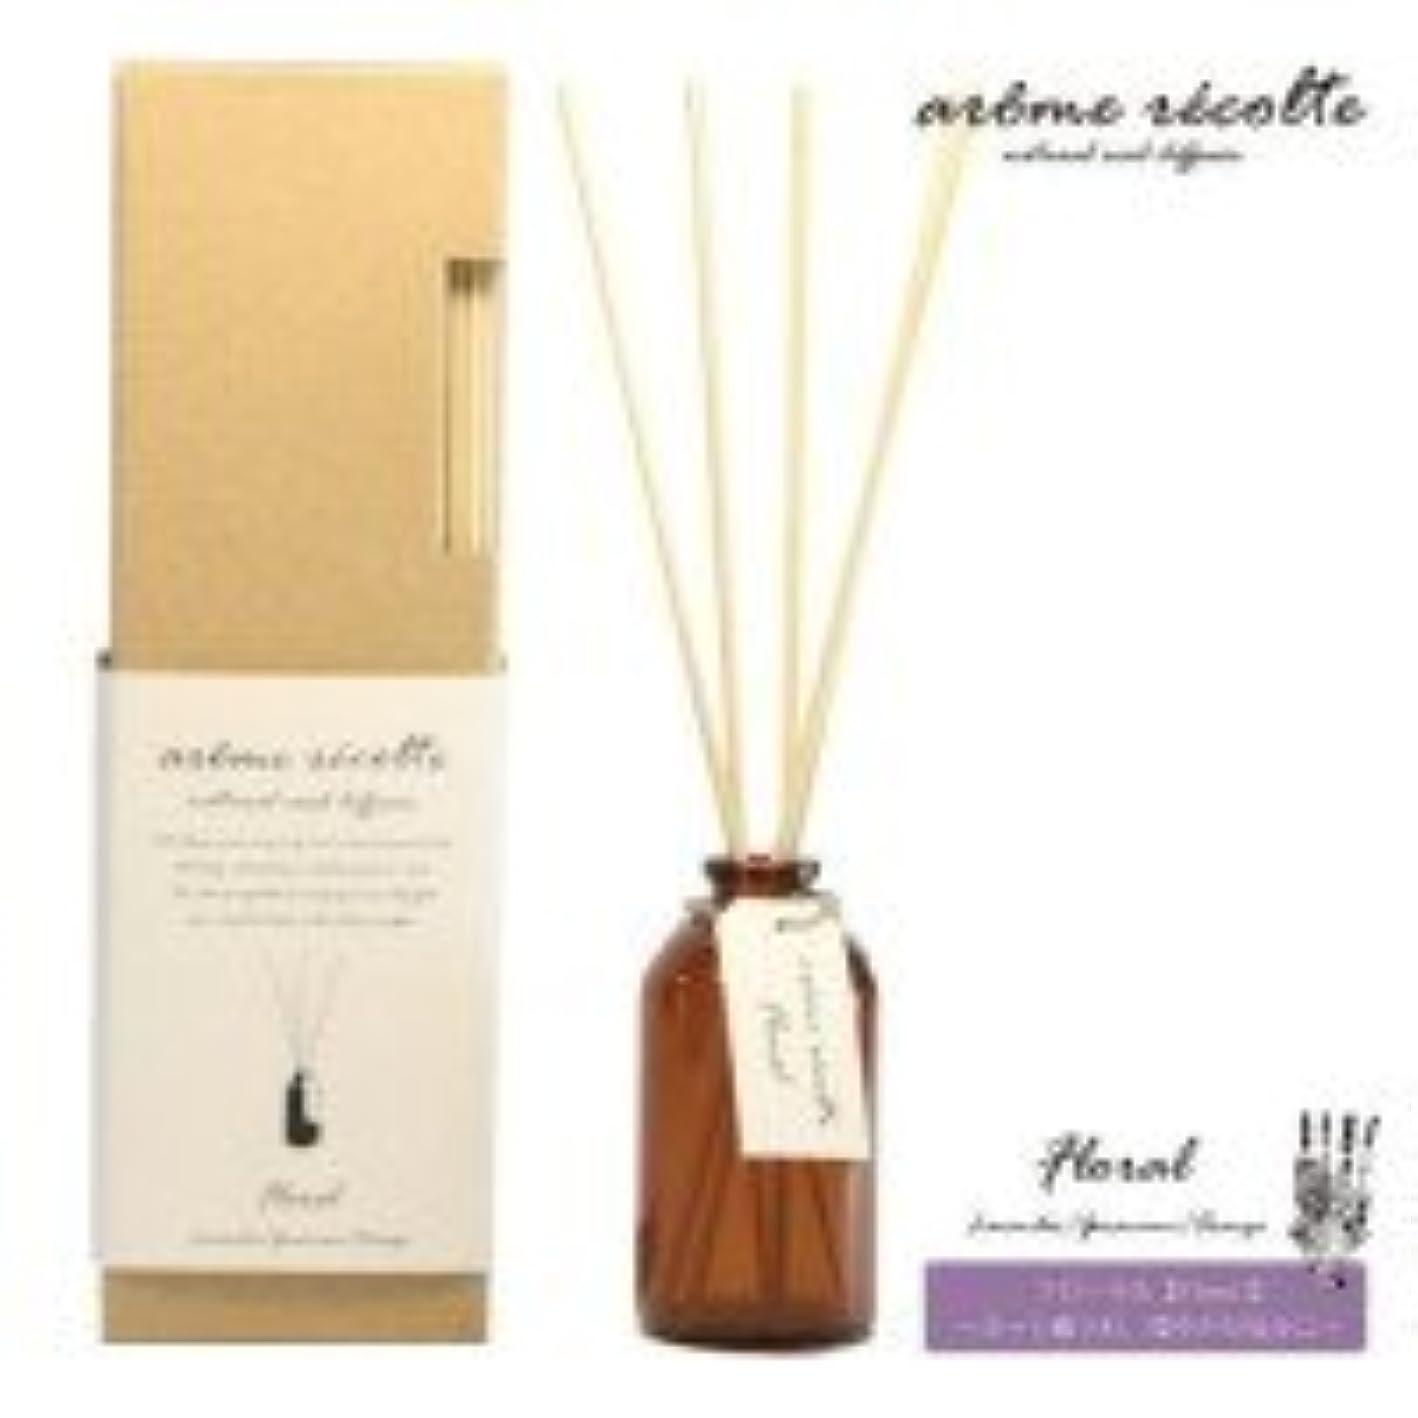 備品塩辛い葉っぱアロマレコルト ナチュラルアロマディフューザー  フローラル【Floral】 arome rcolte